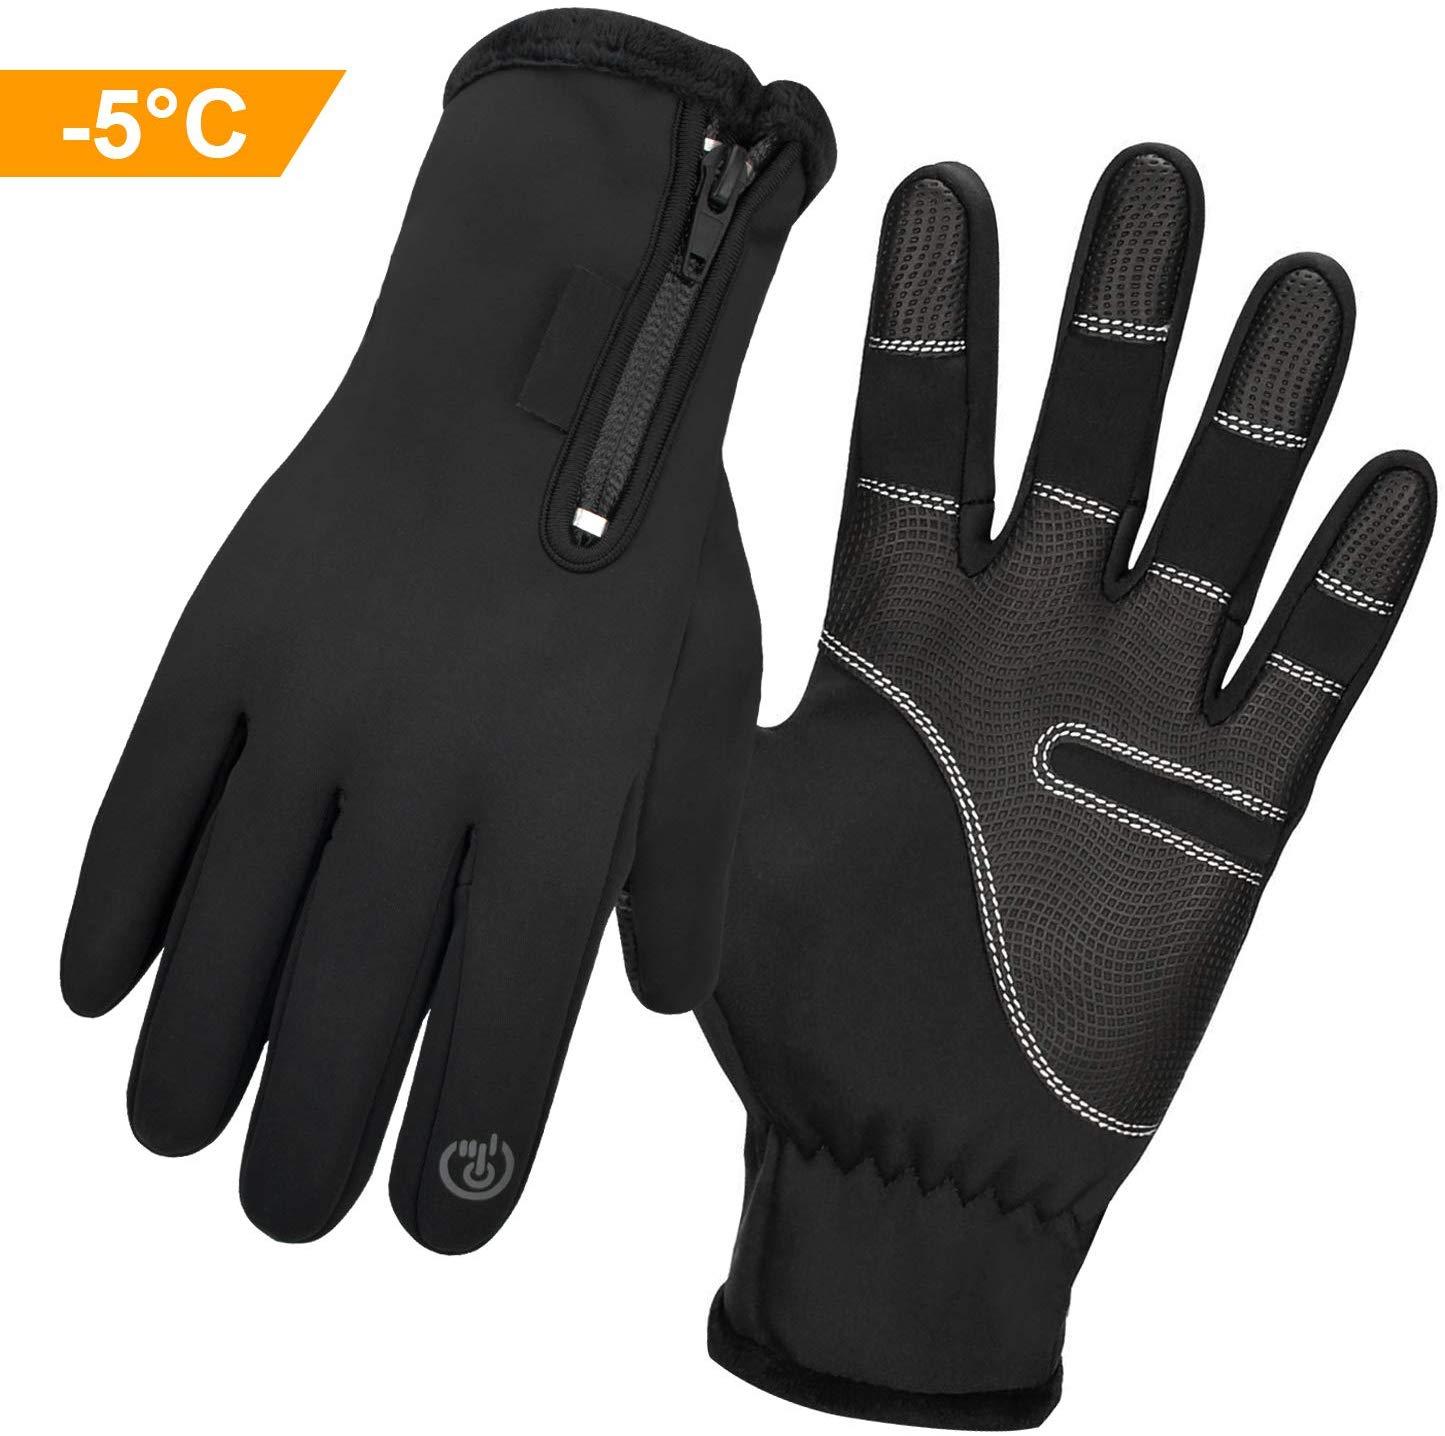 Kuyang Fahrradhandschuhe Männer Winter Fahrrad Handschuhe Touchscreen Handschuhe